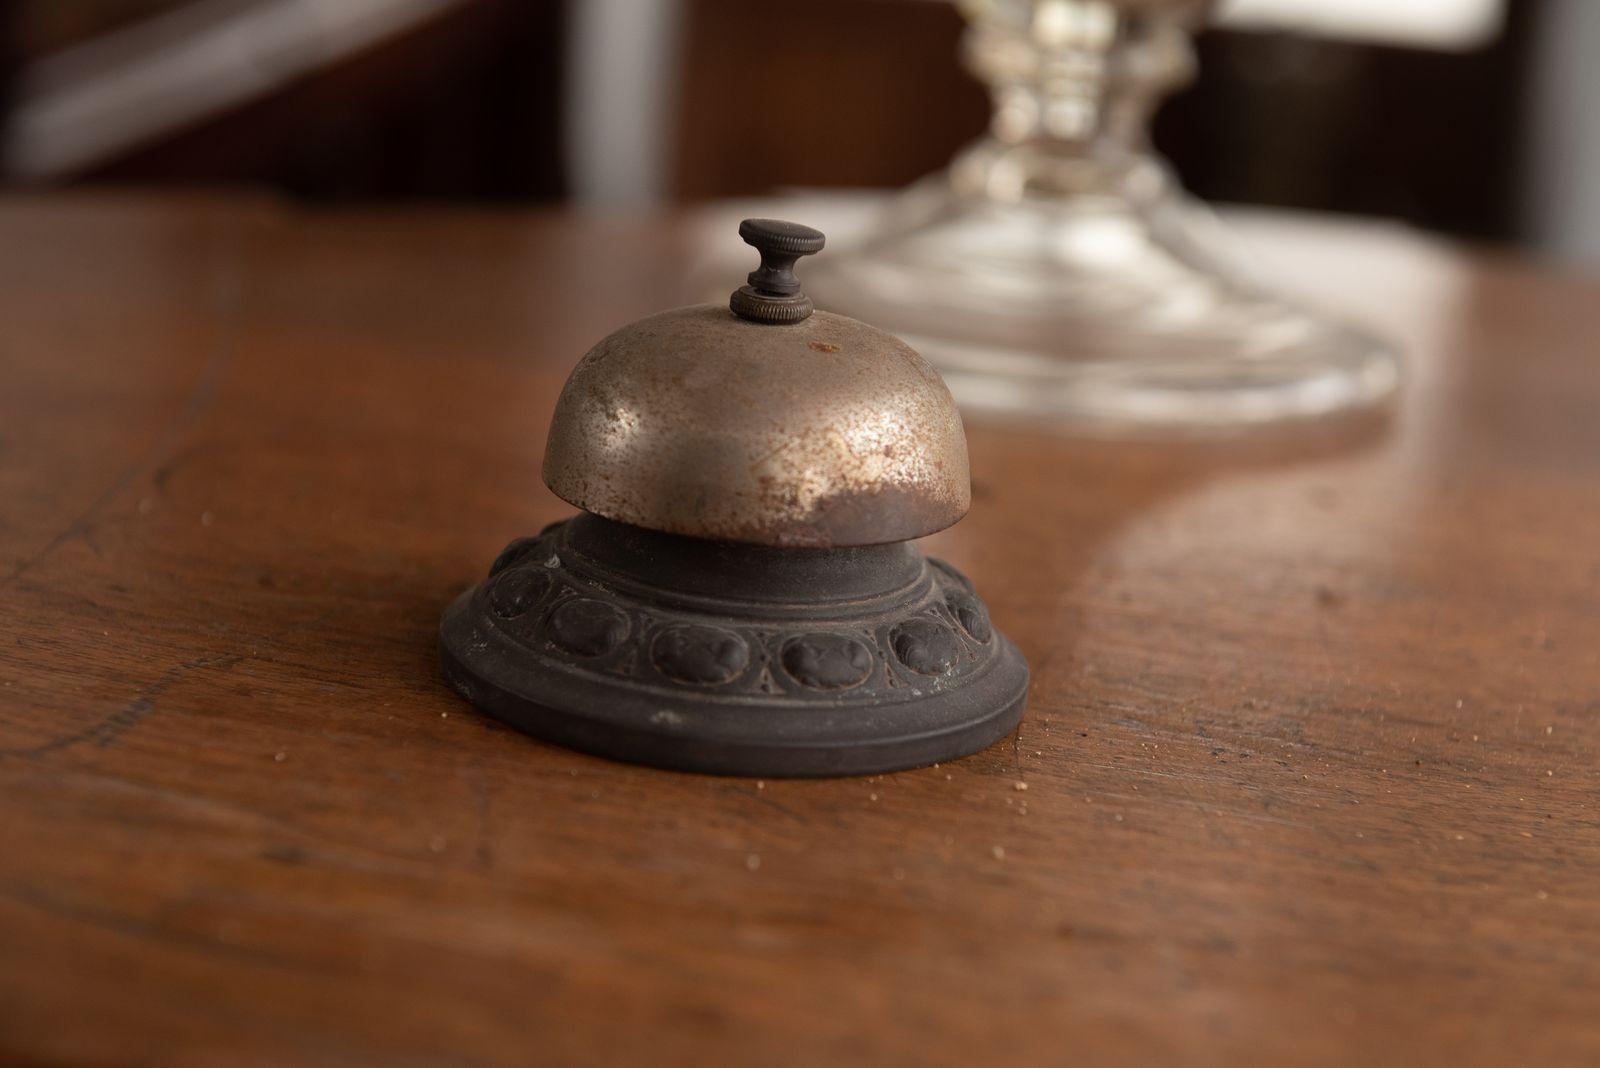 Muzei174_Настолен звънец от първите години на 20-ти век